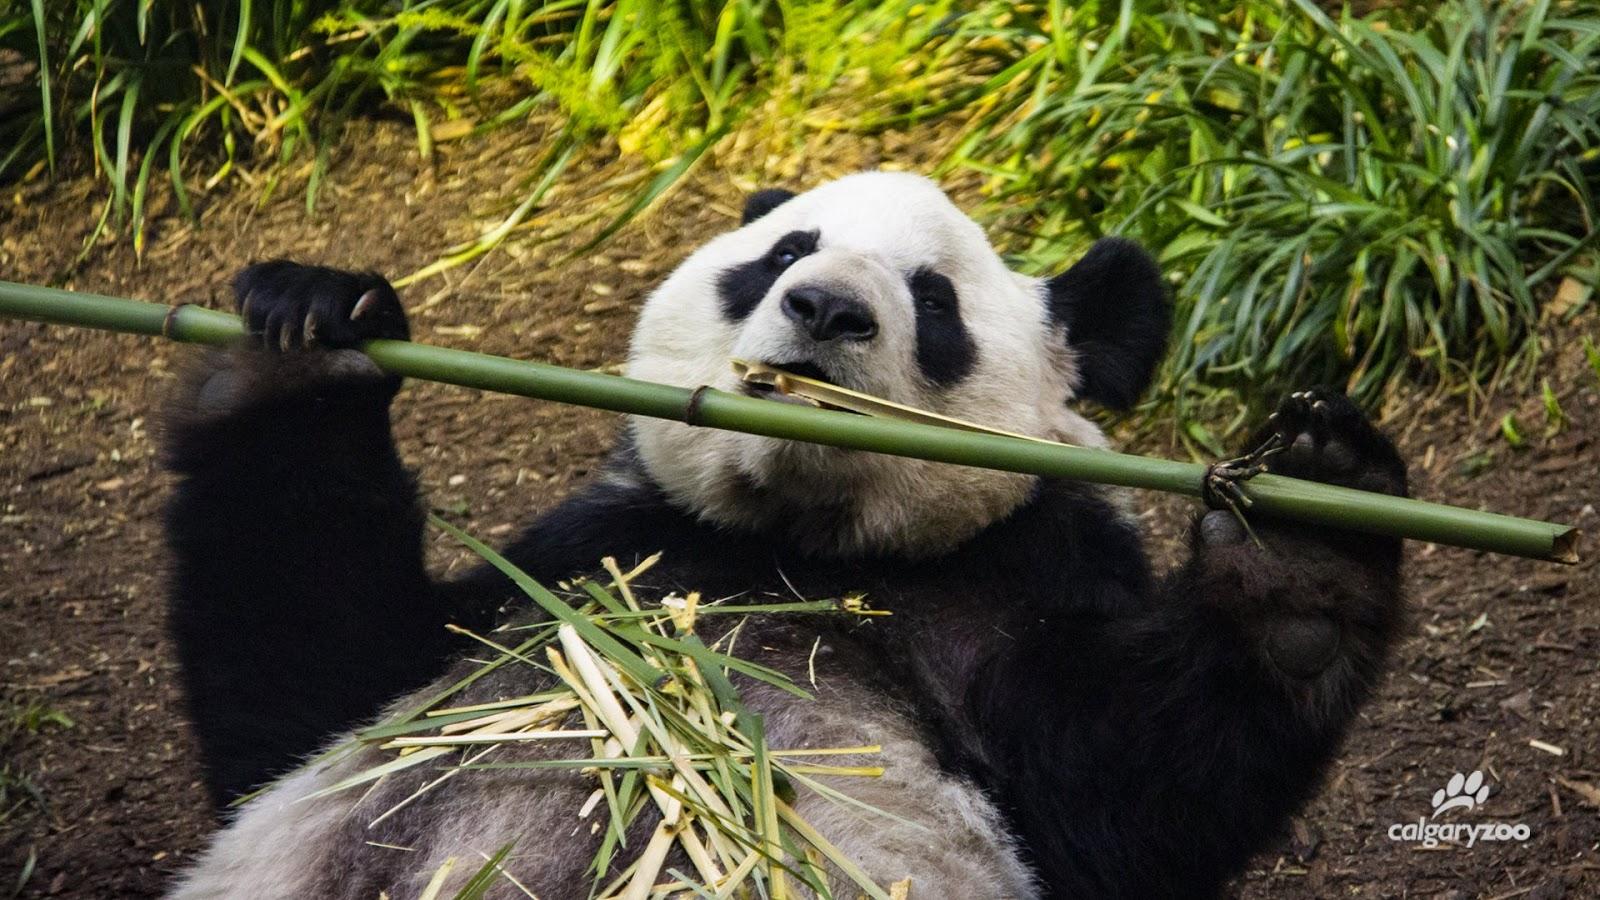 20200513-fresh bamboo.jpeg